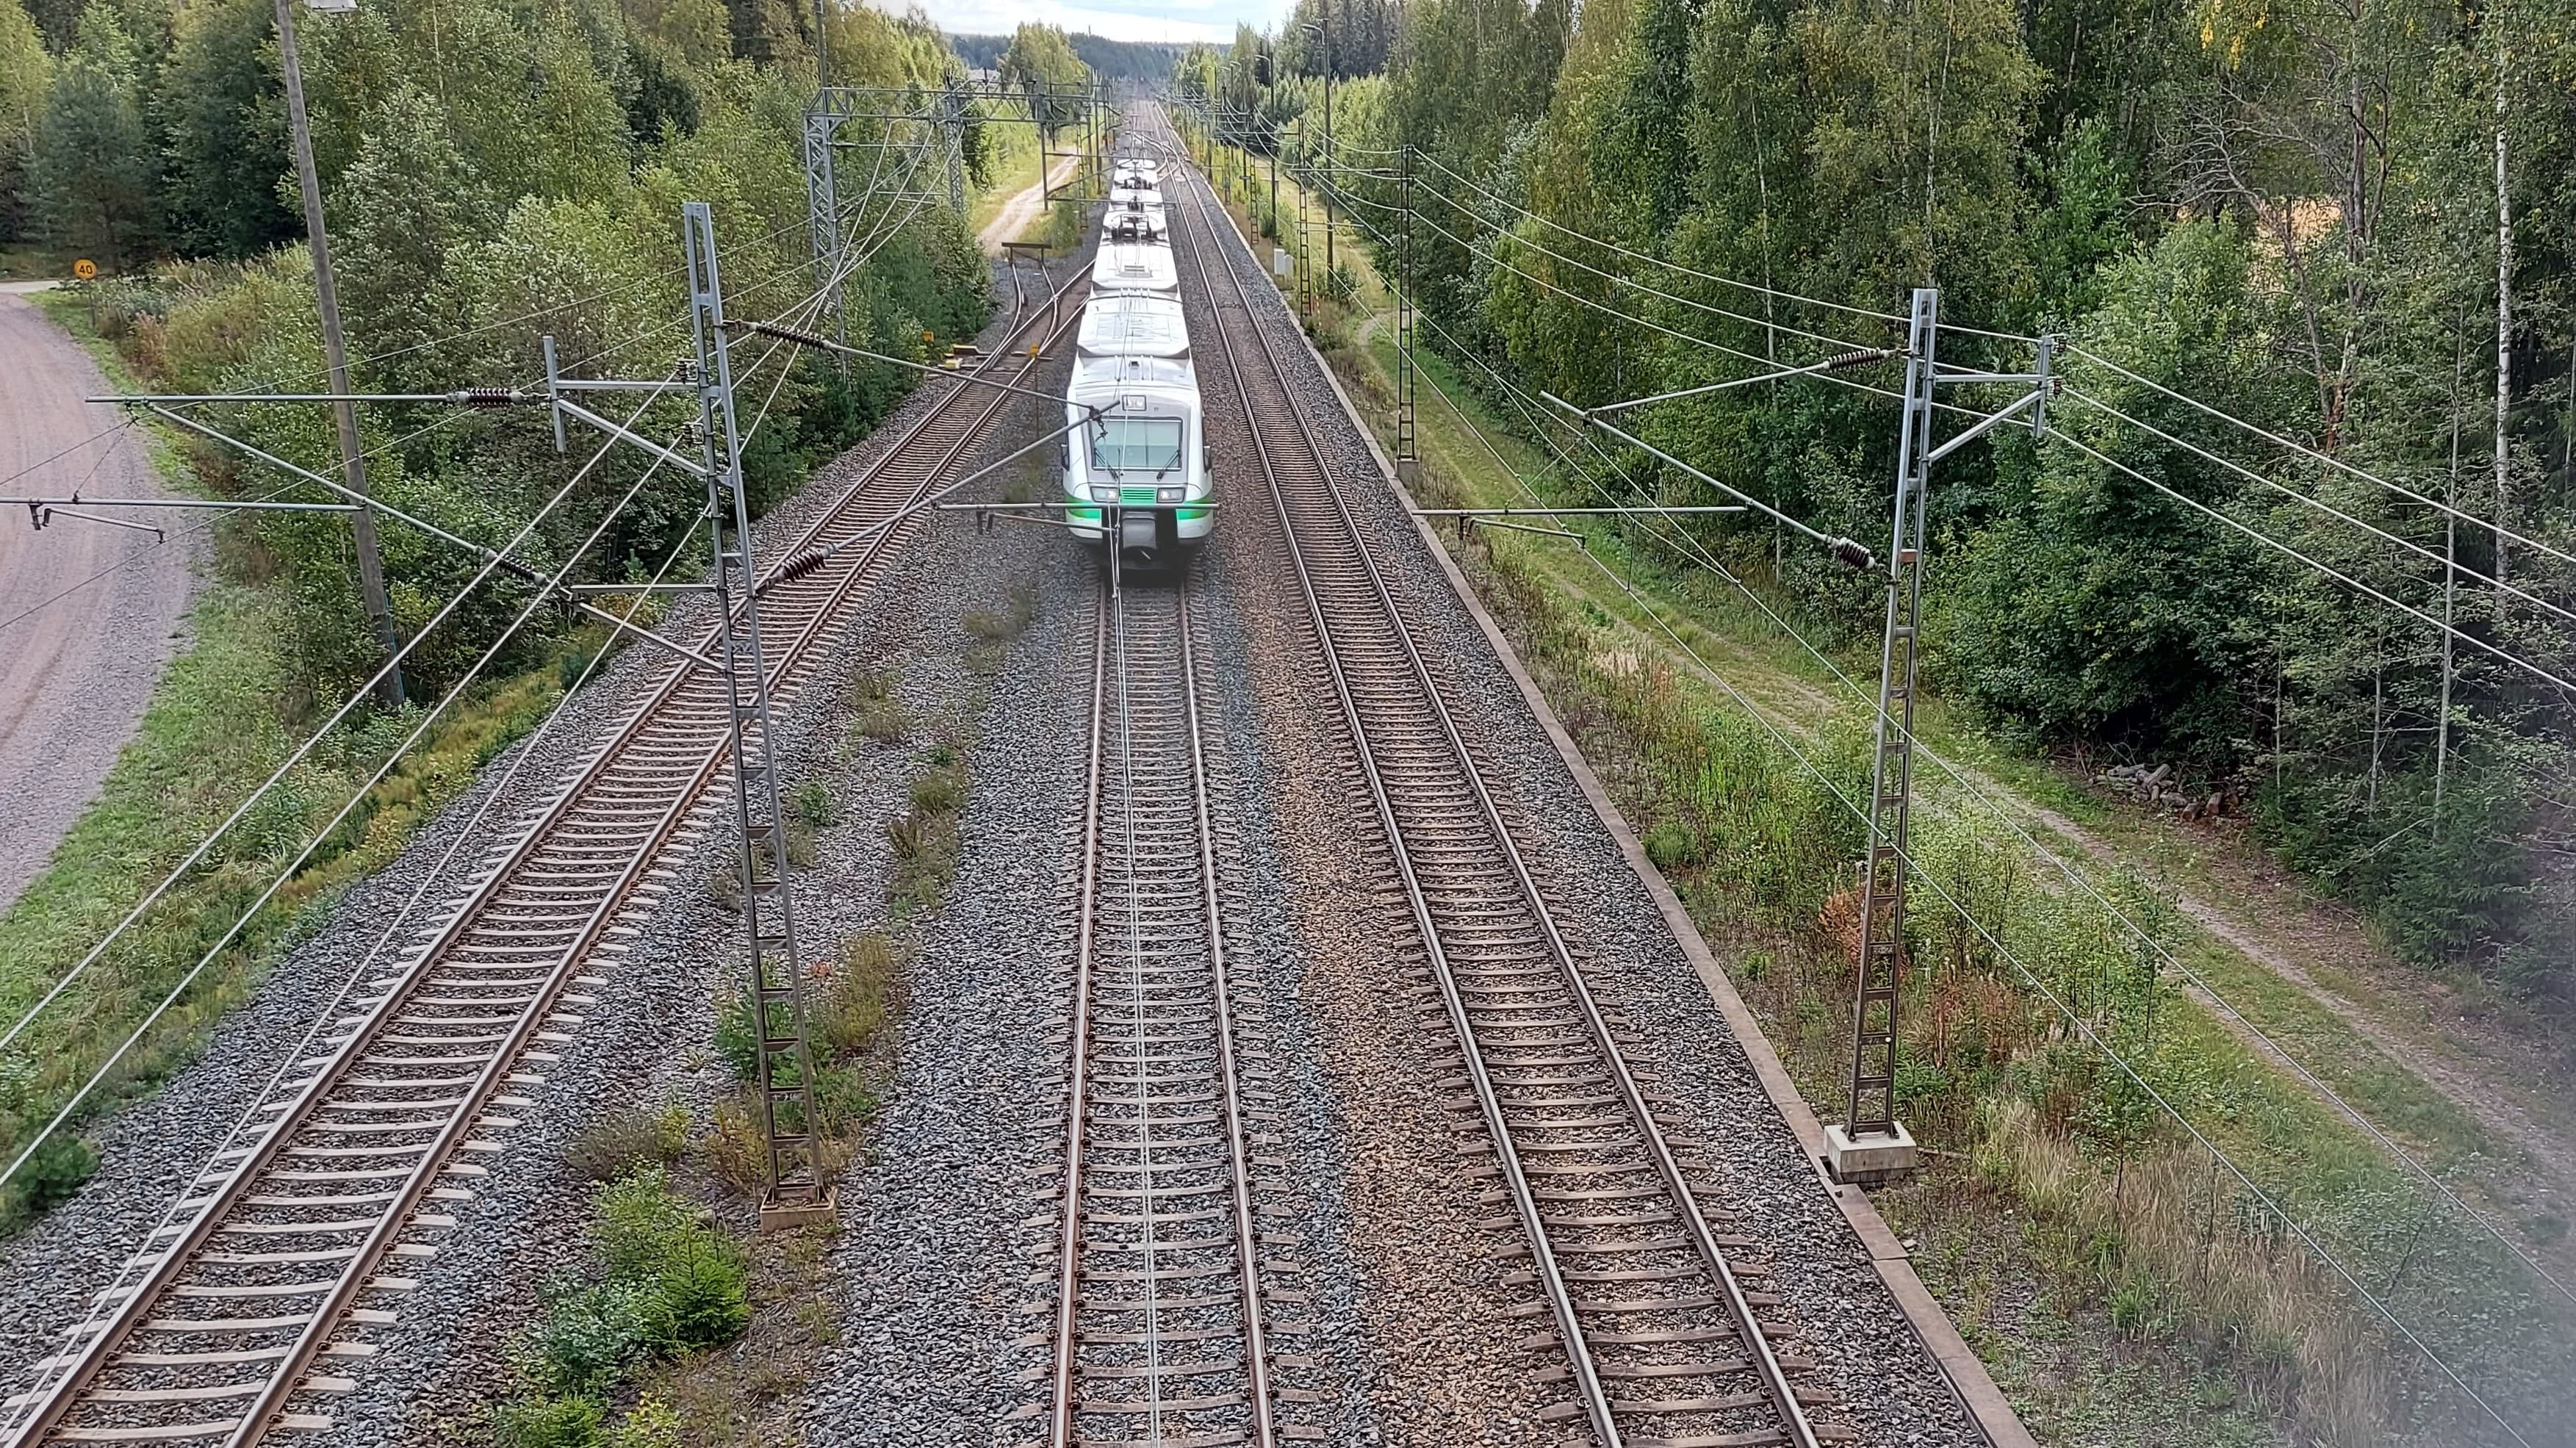 Ylhäältä ylikulkusillalta kuvattu junarata, jossa lähijuna tulee kohti kameraa.